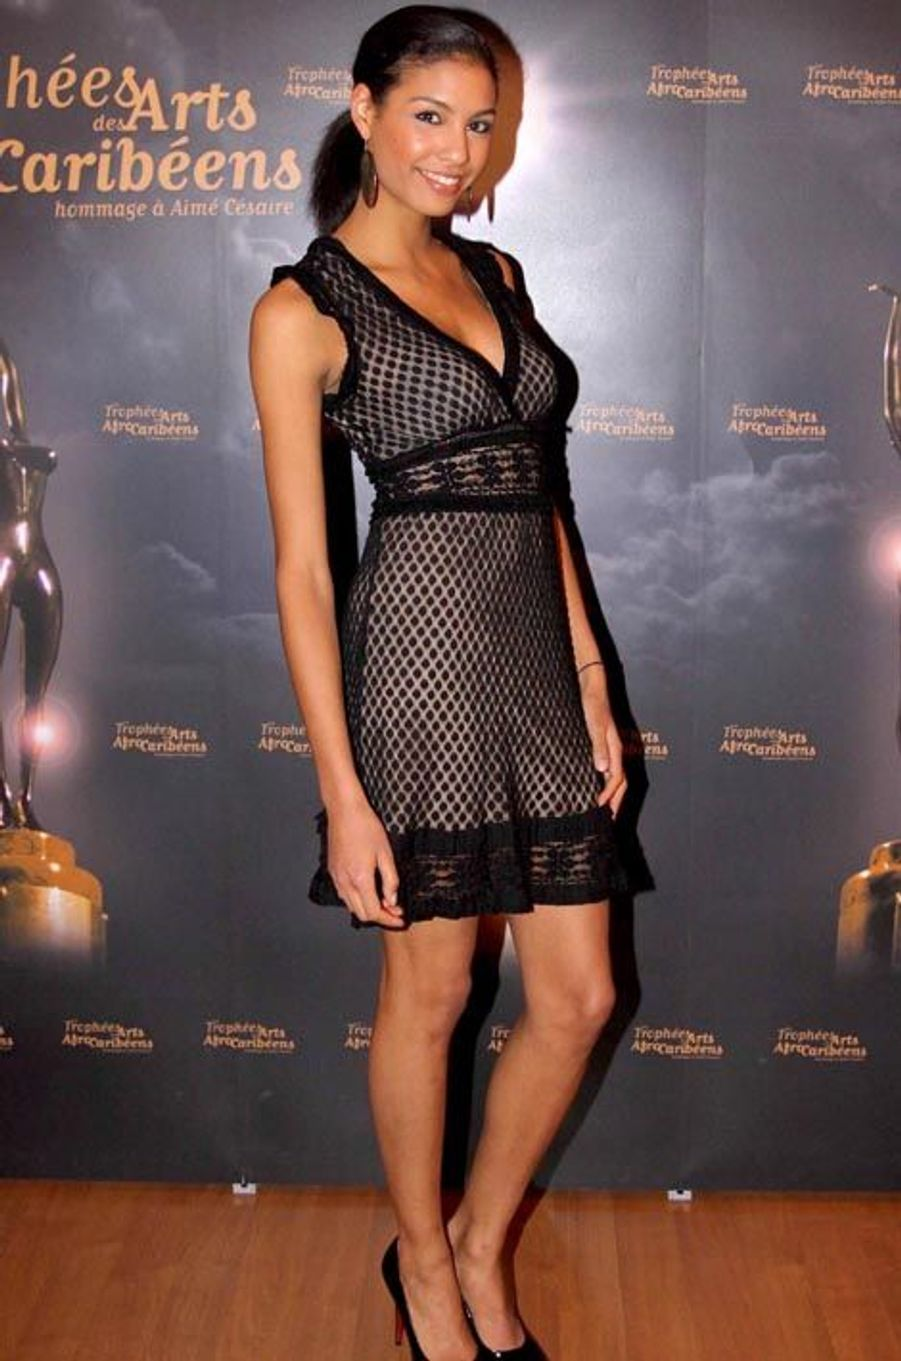 La Miss France 2009 Chloé Mortaud